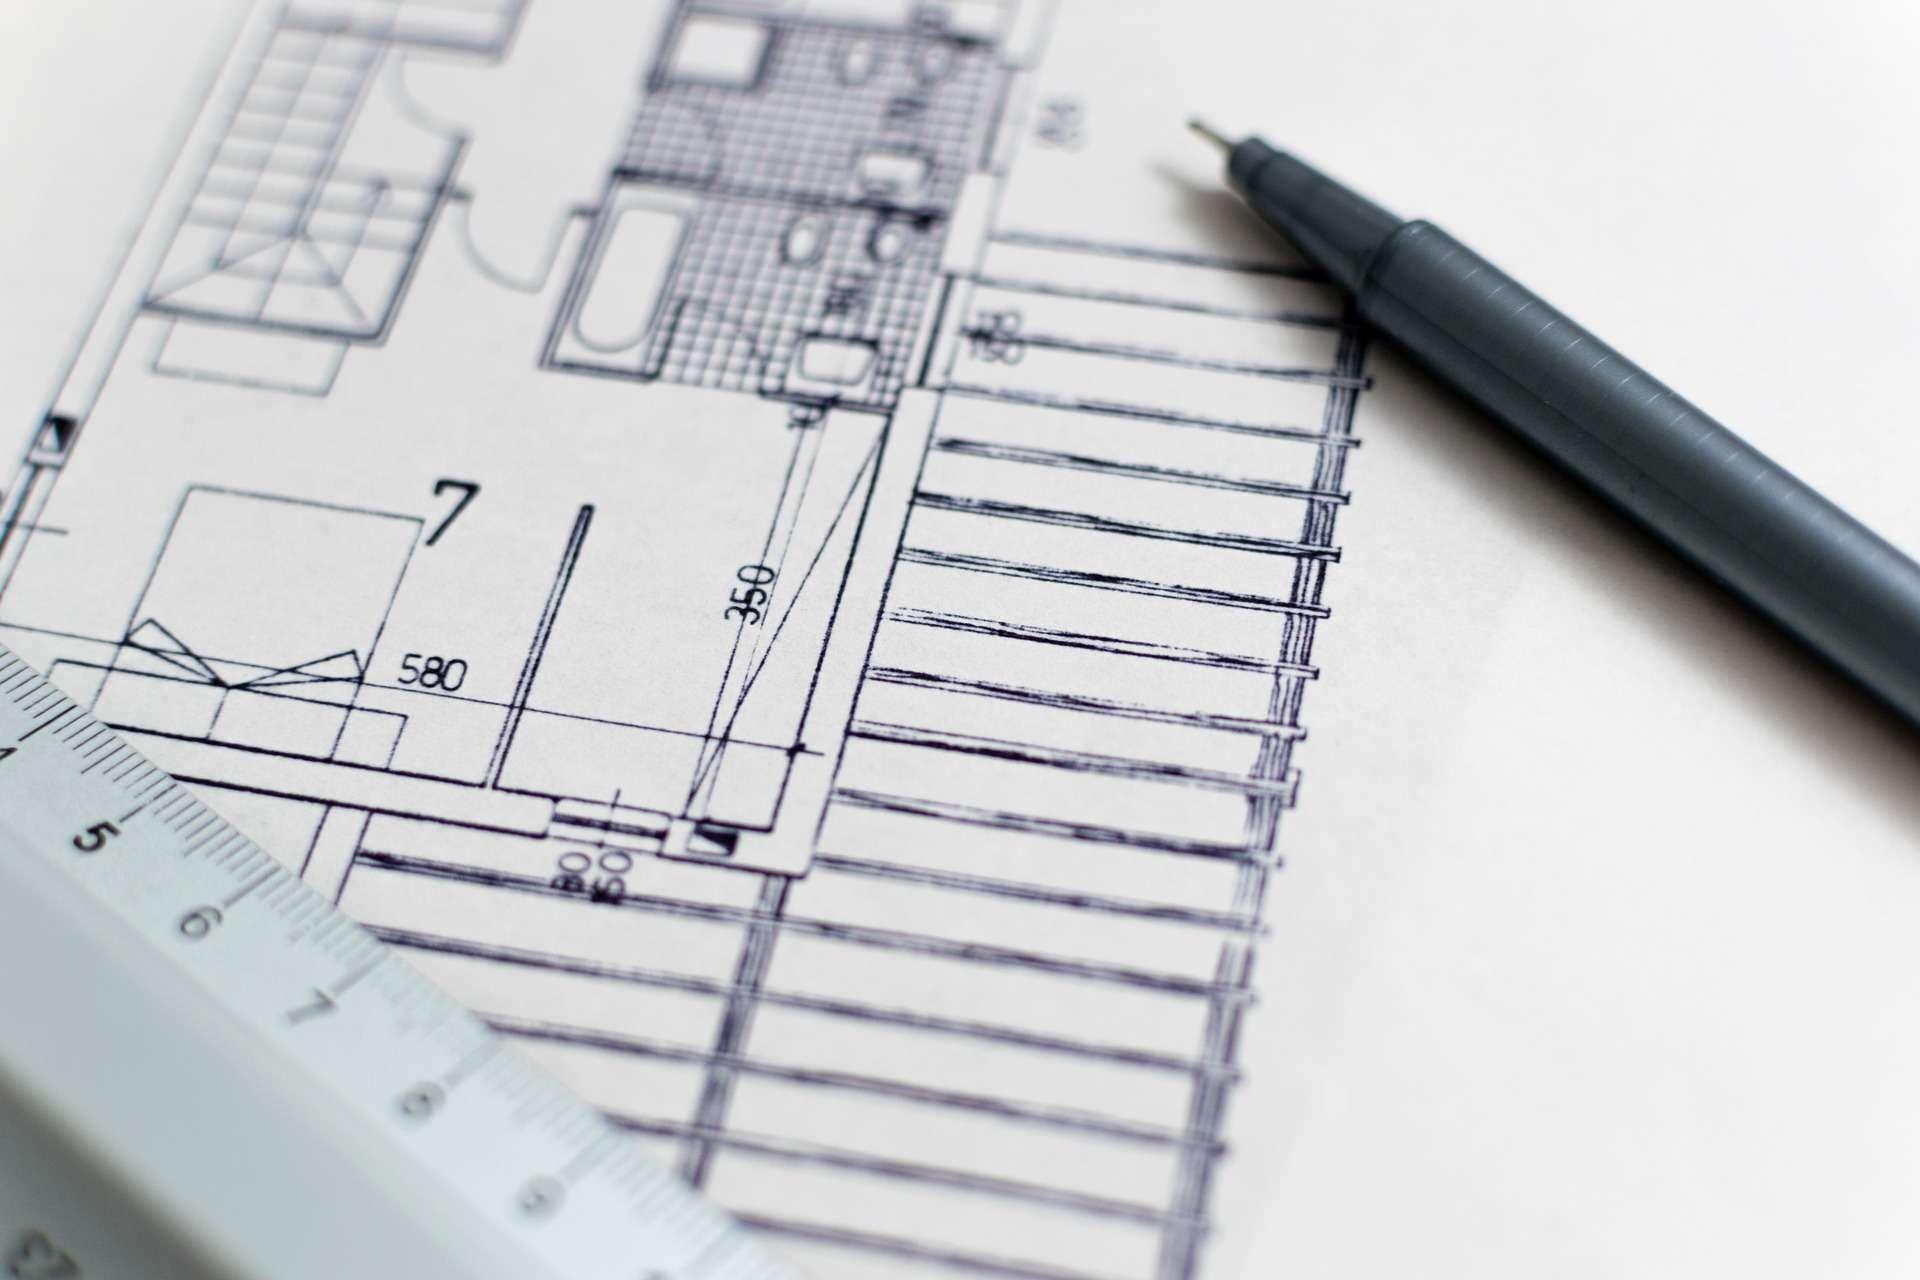 Empresa de Grande Porte contrata Técnico em Agrimensura, Edificações ou Mineração